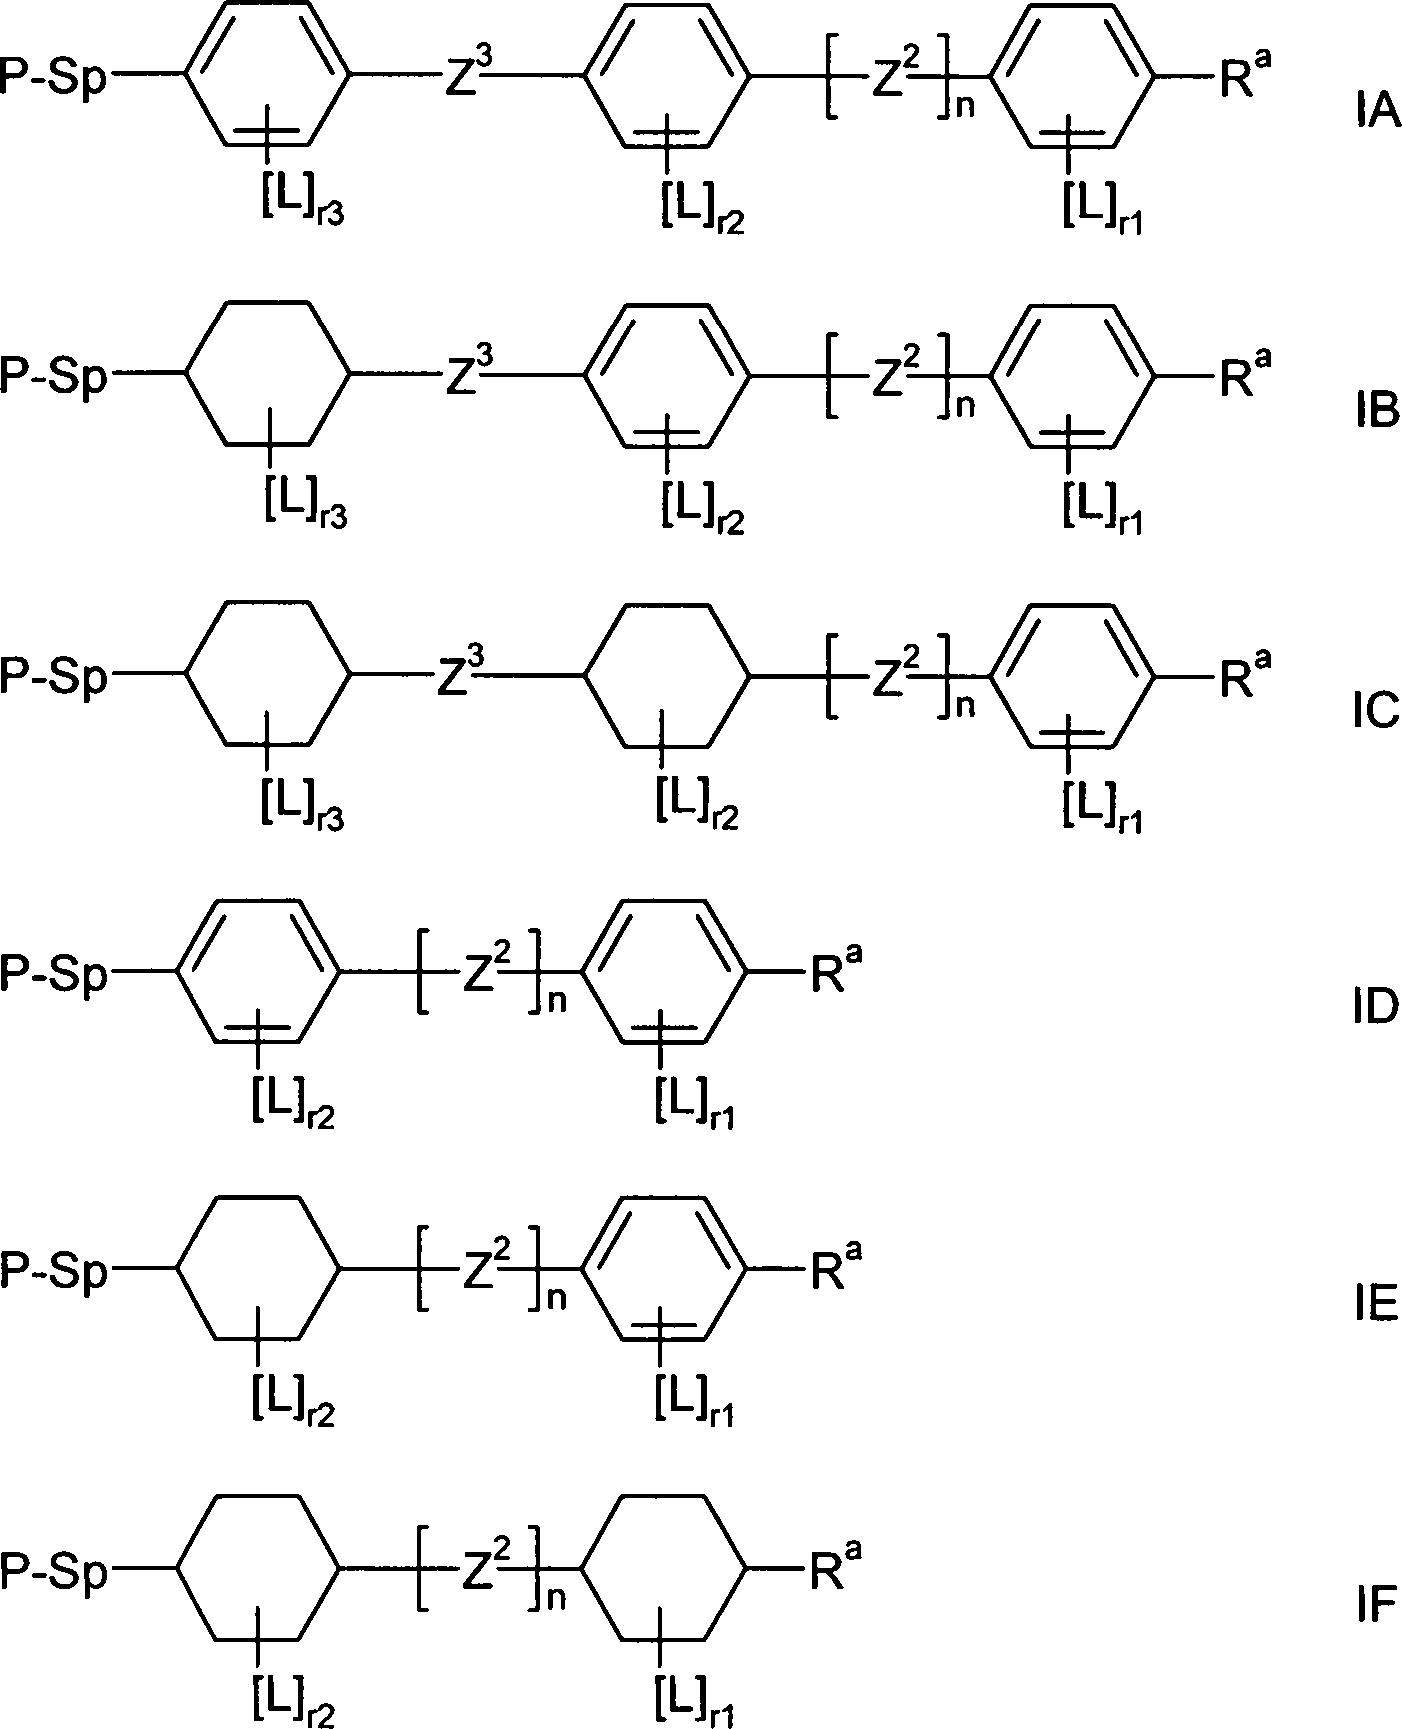 Figure DE102015008172A1_0133